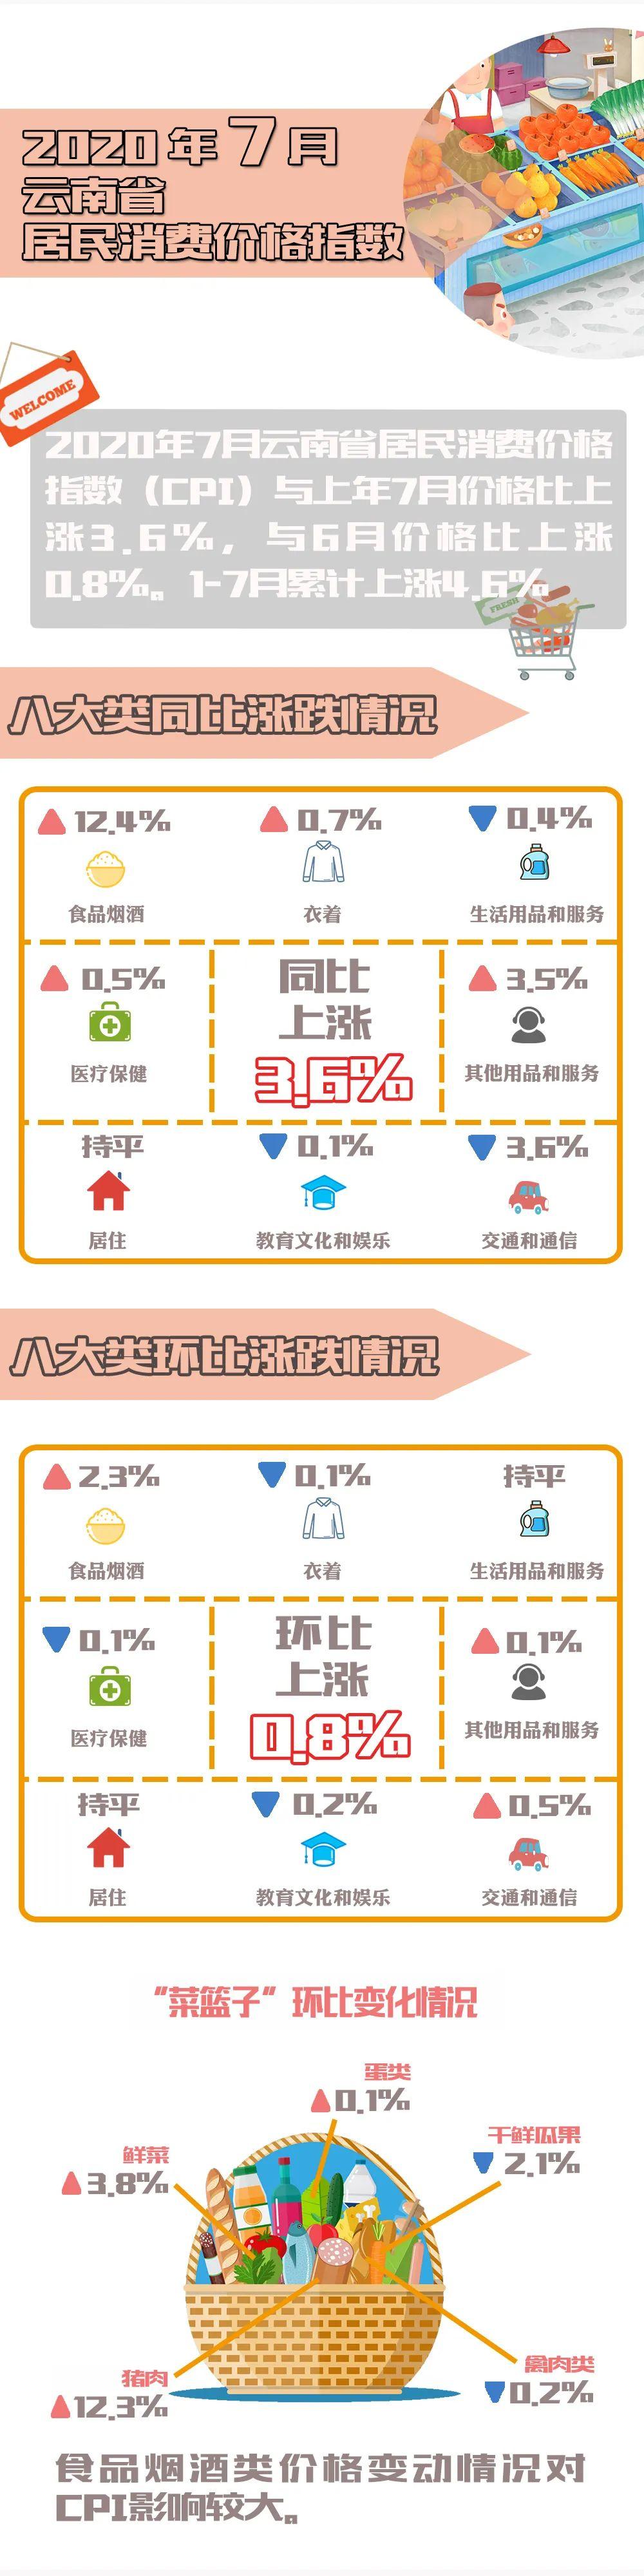 【关注】7月云南主要民生指标公布!这些变化,你感受到了吗?